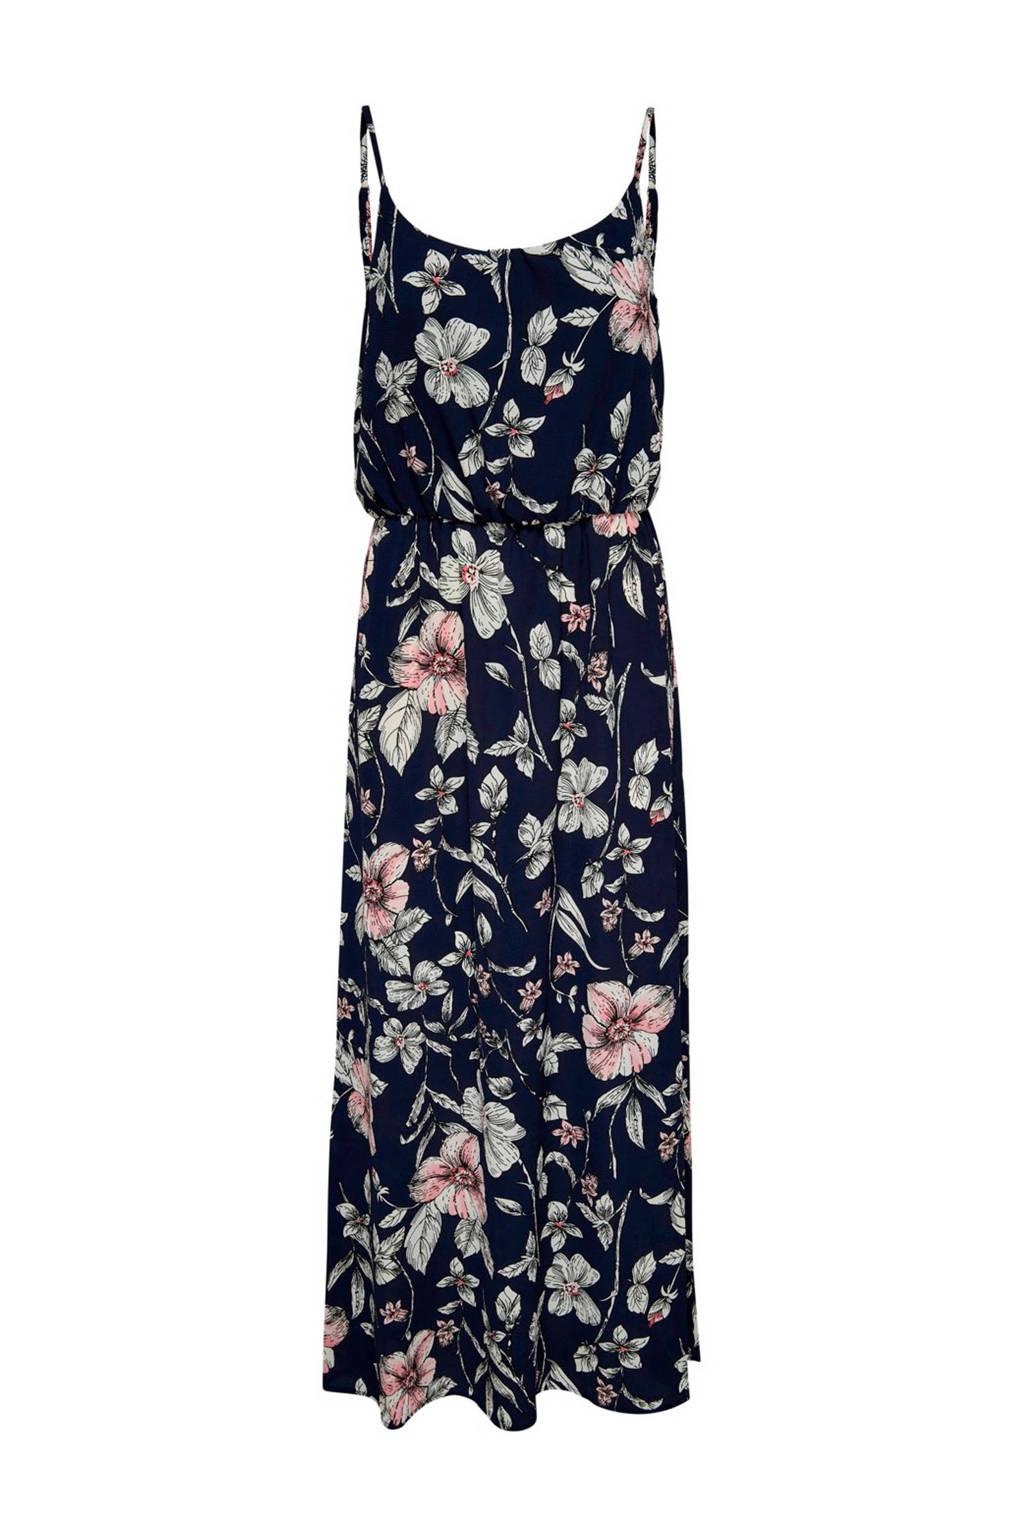 ONLY jurk met bloemen, Donkerblauw/ roze